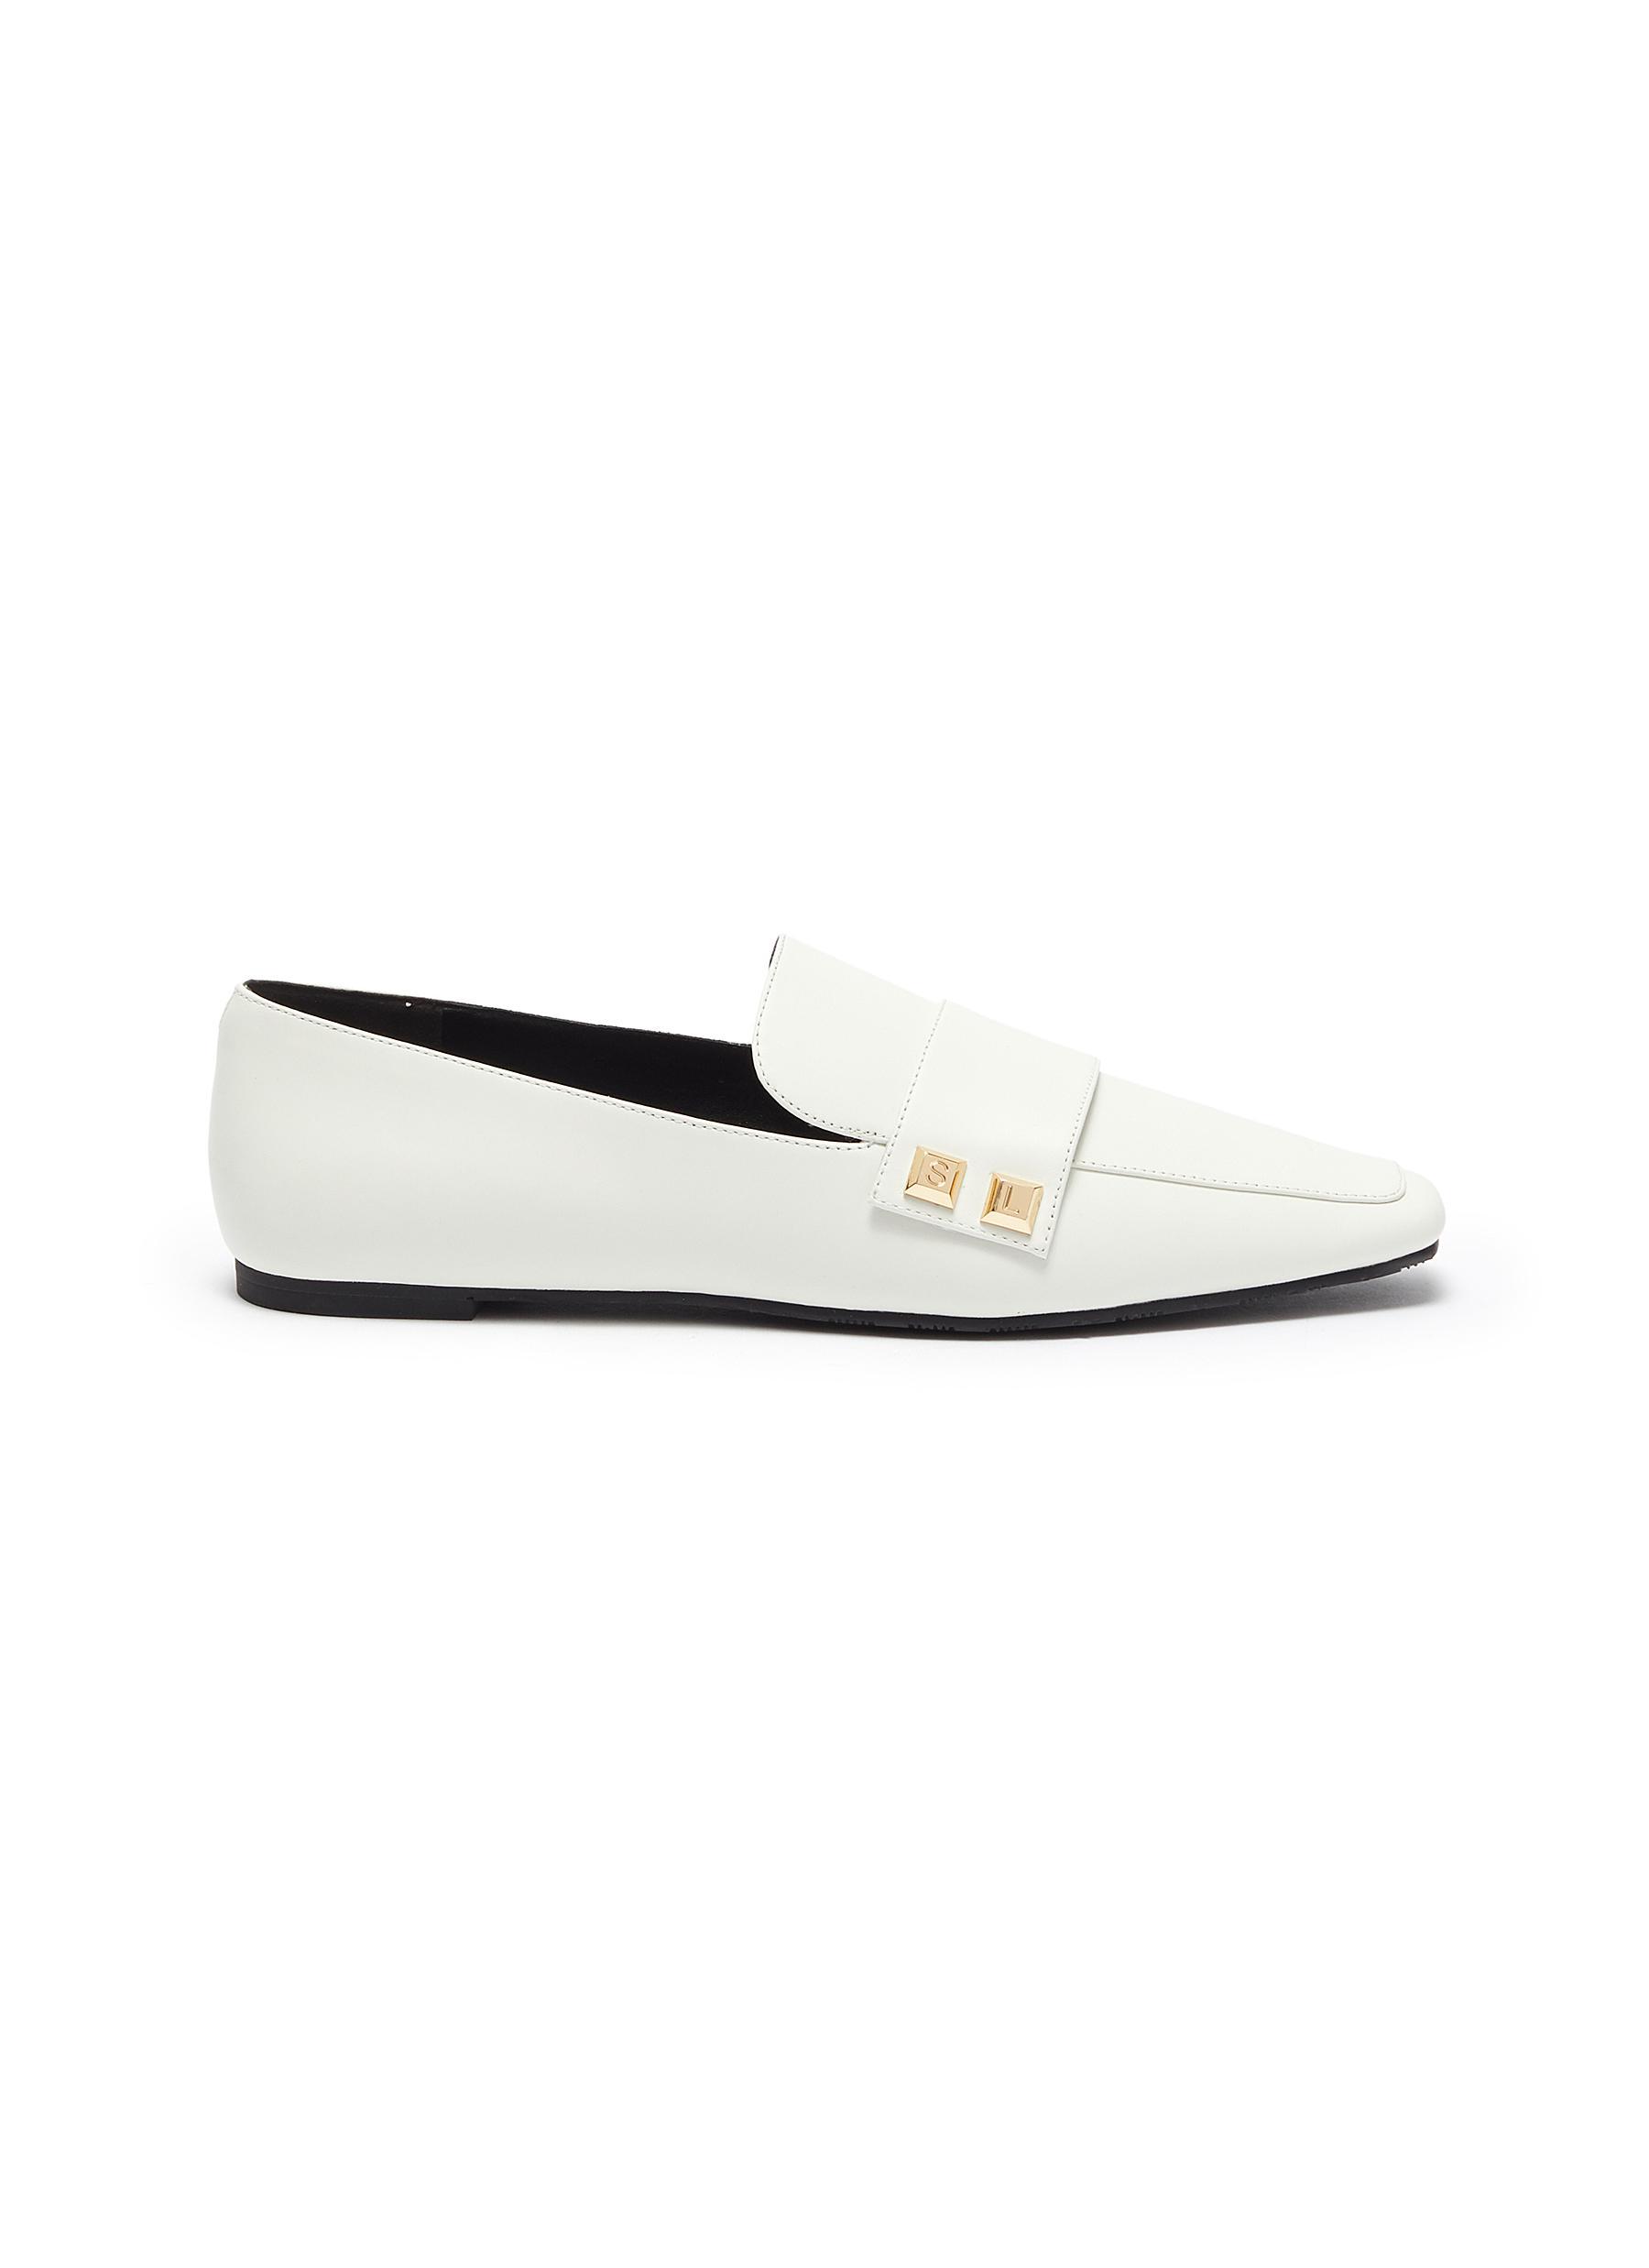 Stella Luna Flats Stud embellished loafers